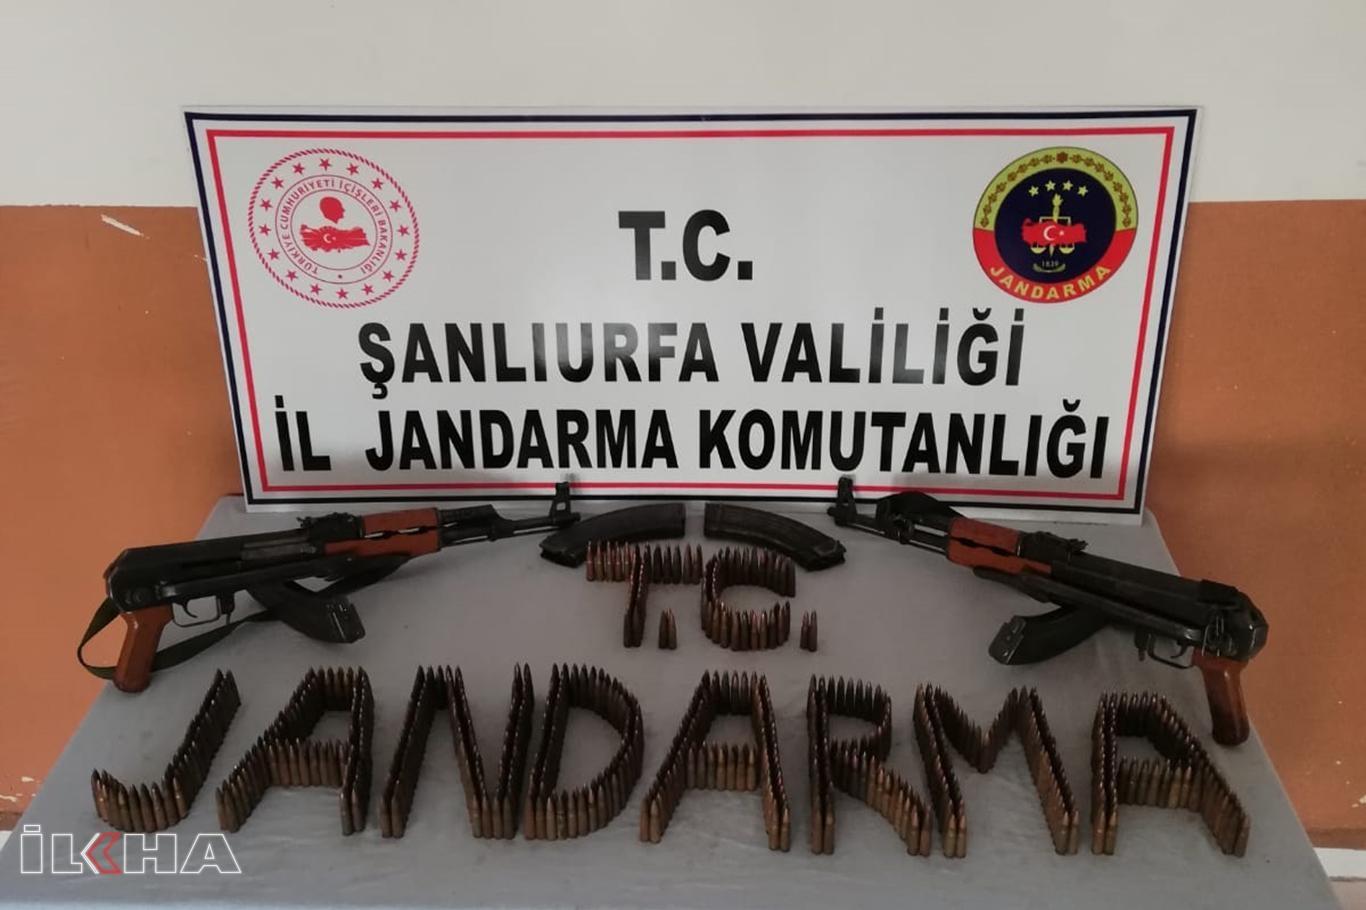 Silah kaçakçılığı operasyonu: 2 kişi tutuklandı.